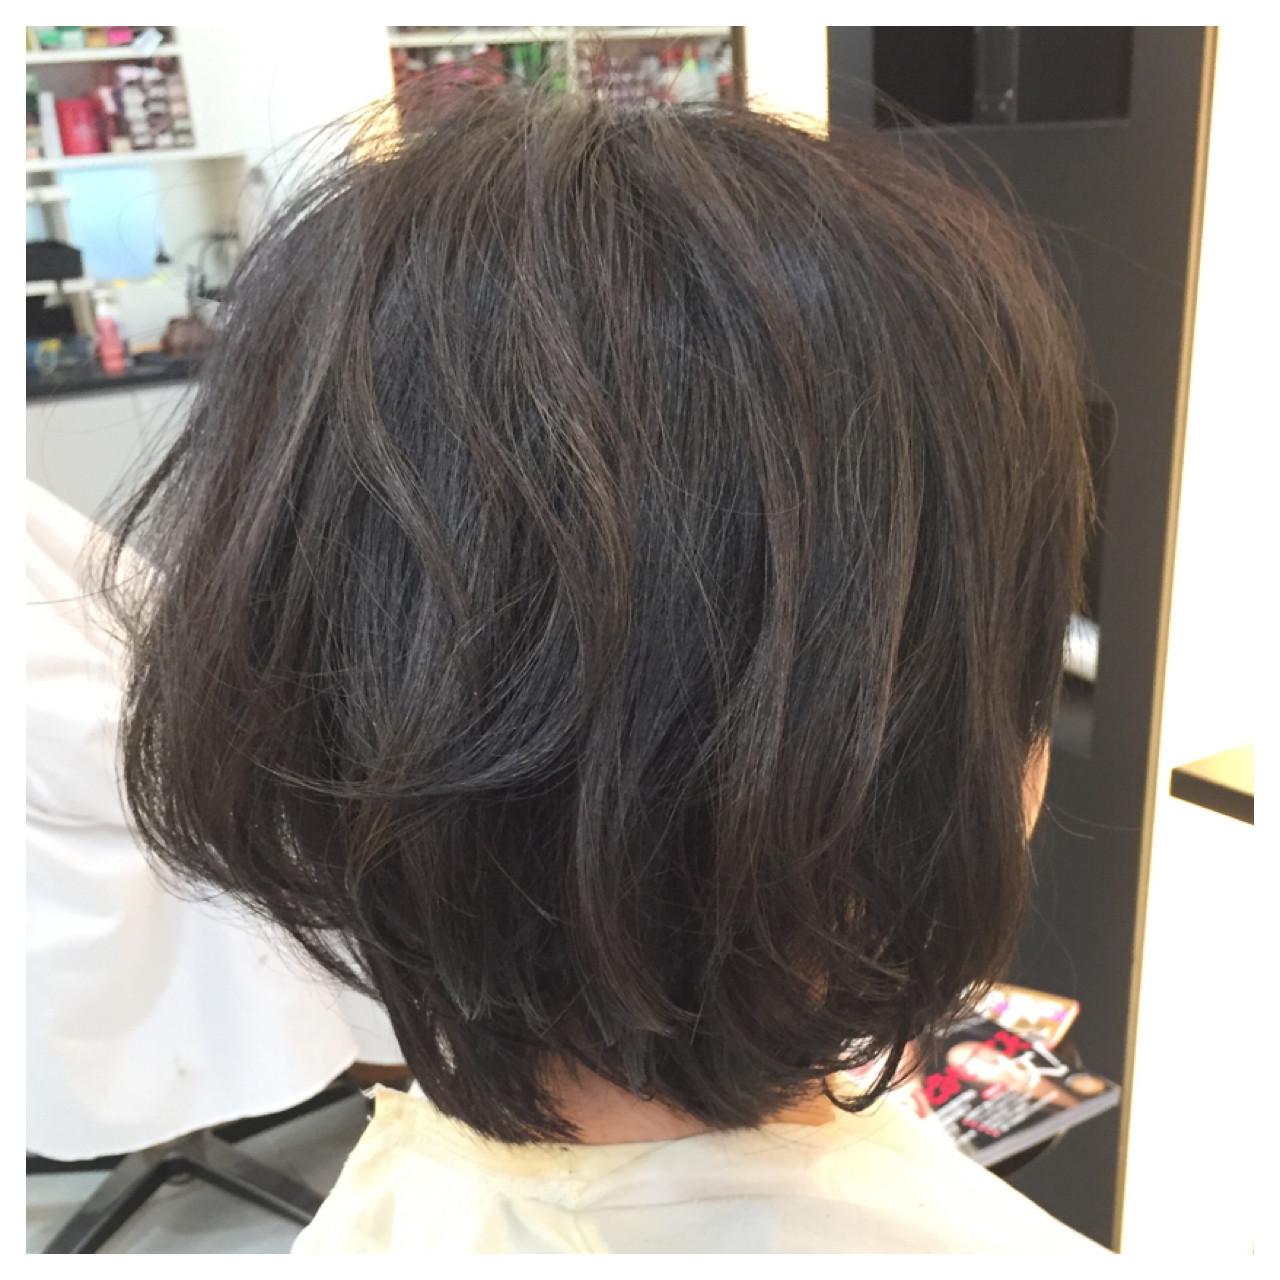 ボブ ナチュラル ハイライト ショートヘアスタイルや髪型の写真・画像